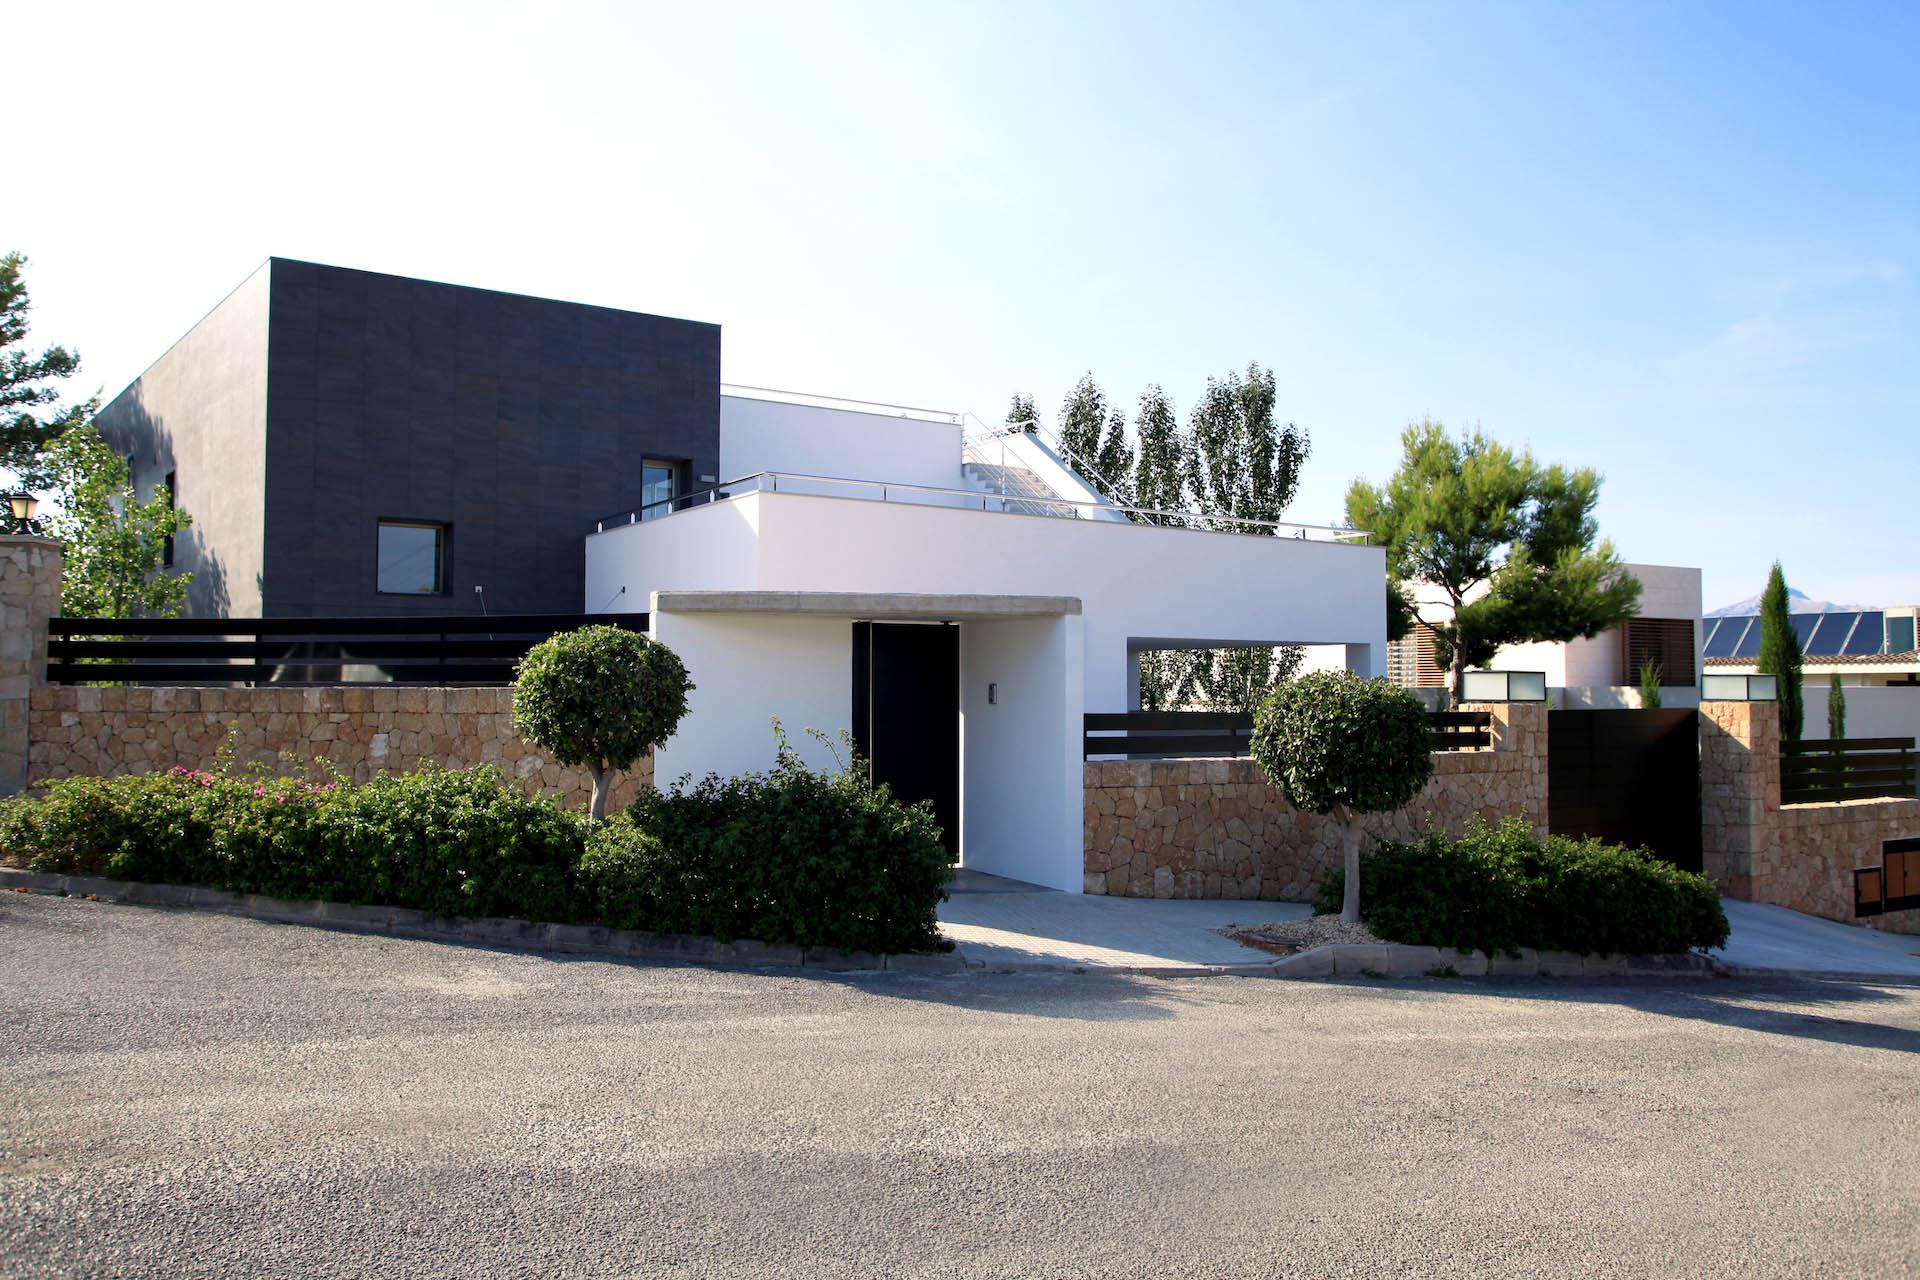 Single family house t18 alibaz construcci n empresa - Empresas de construccion en mallorca ...